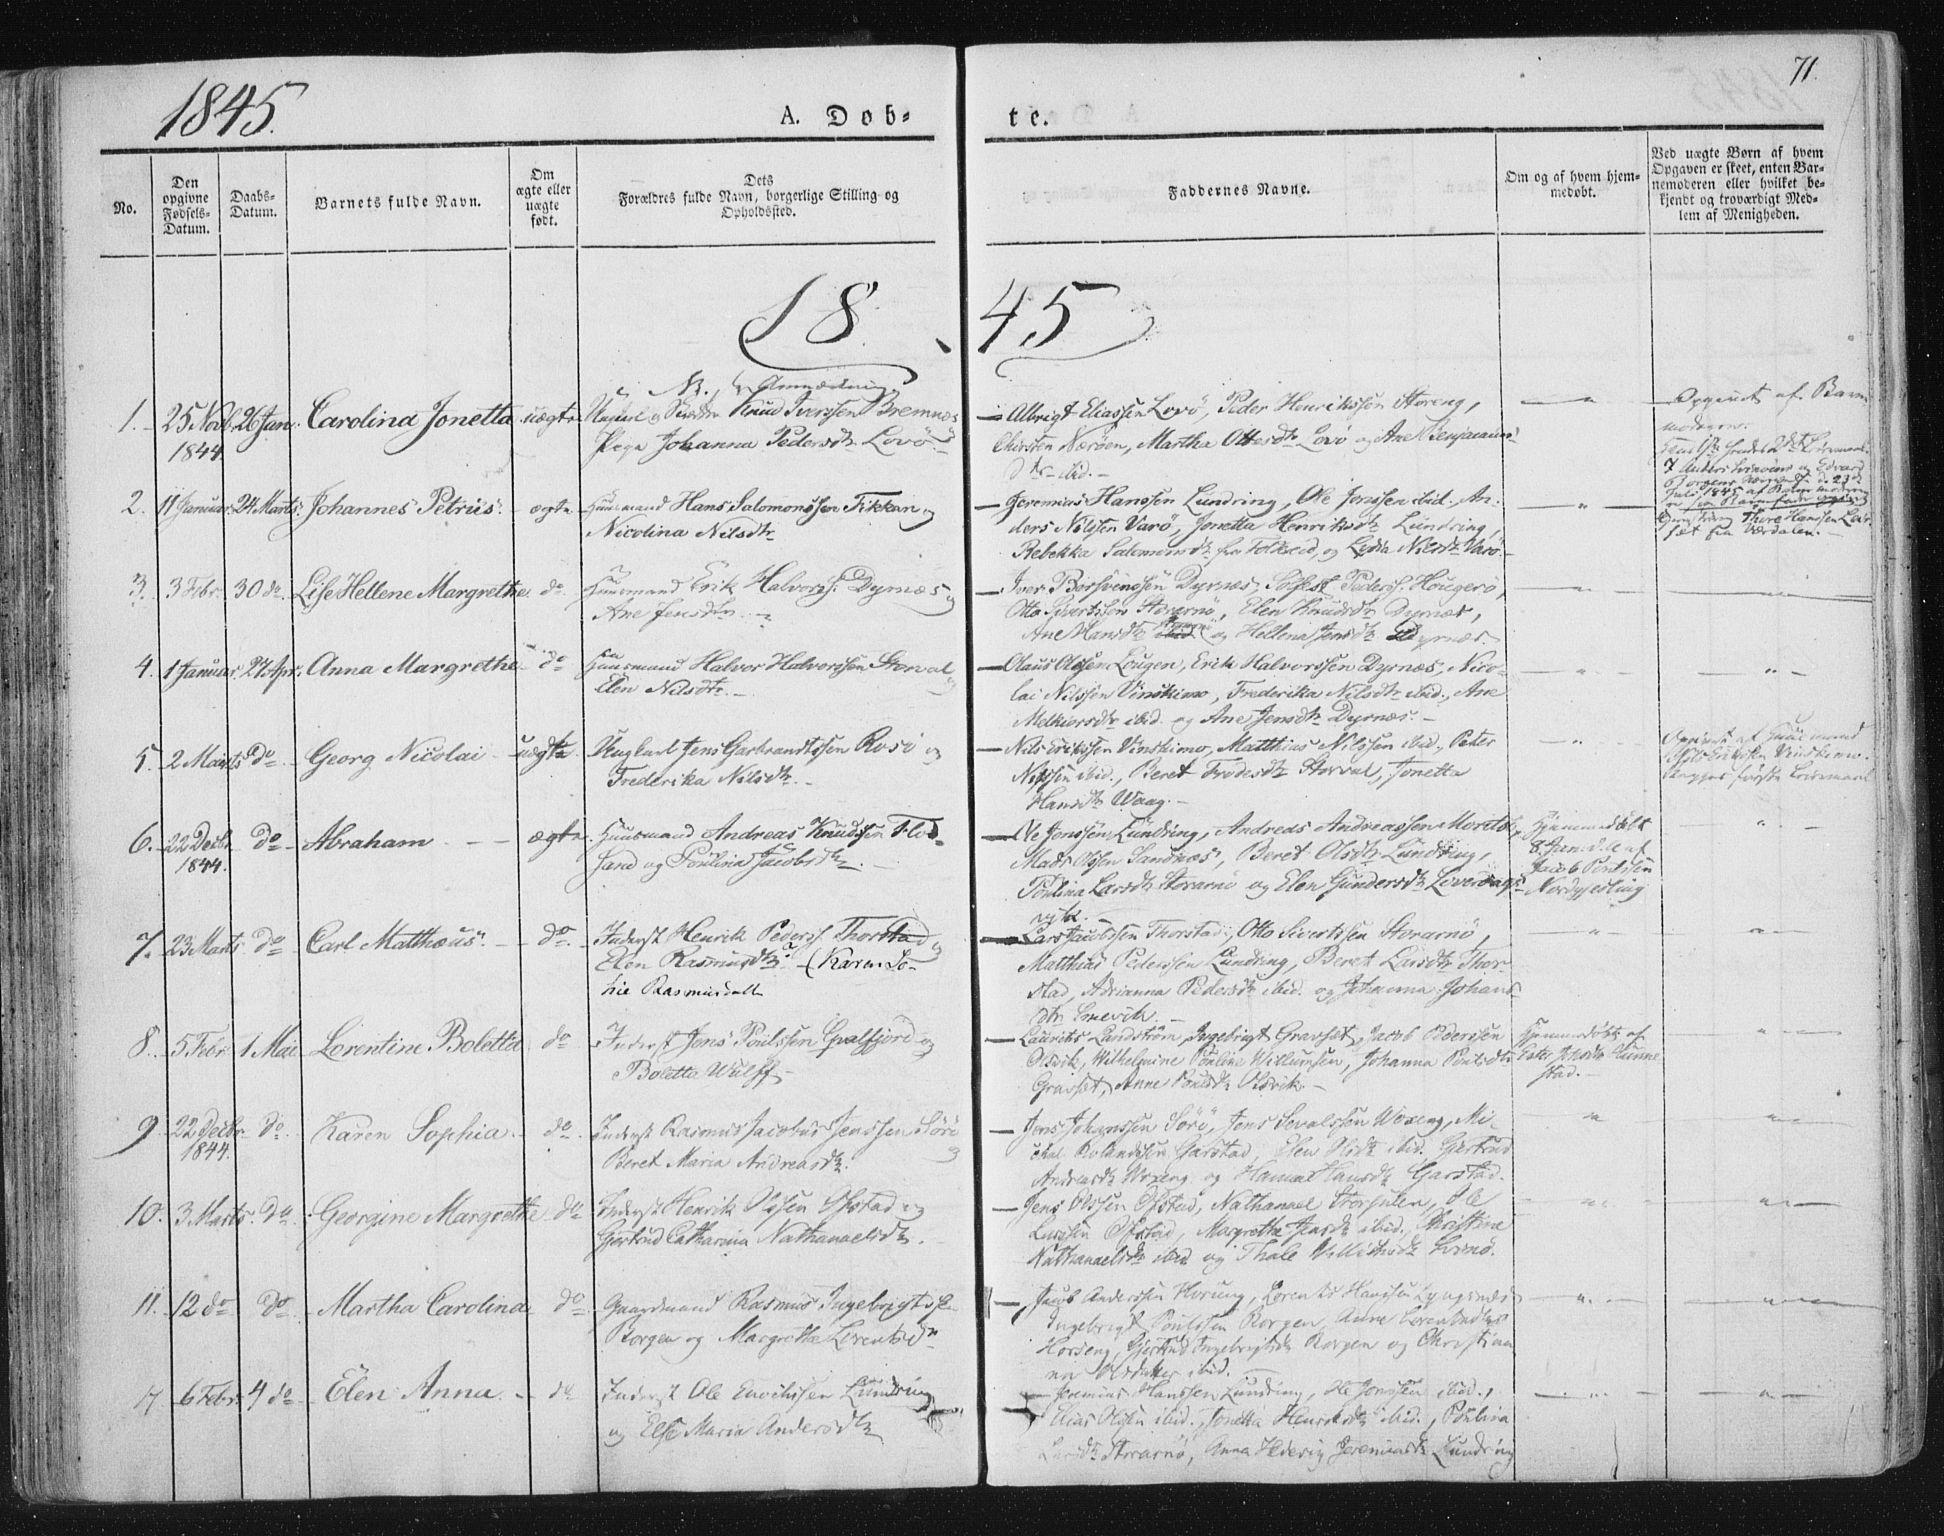 SAT, Ministerialprotokoller, klokkerbøker og fødselsregistre - Nord-Trøndelag, 784/L0669: Ministerialbok nr. 784A04, 1829-1859, s. 71